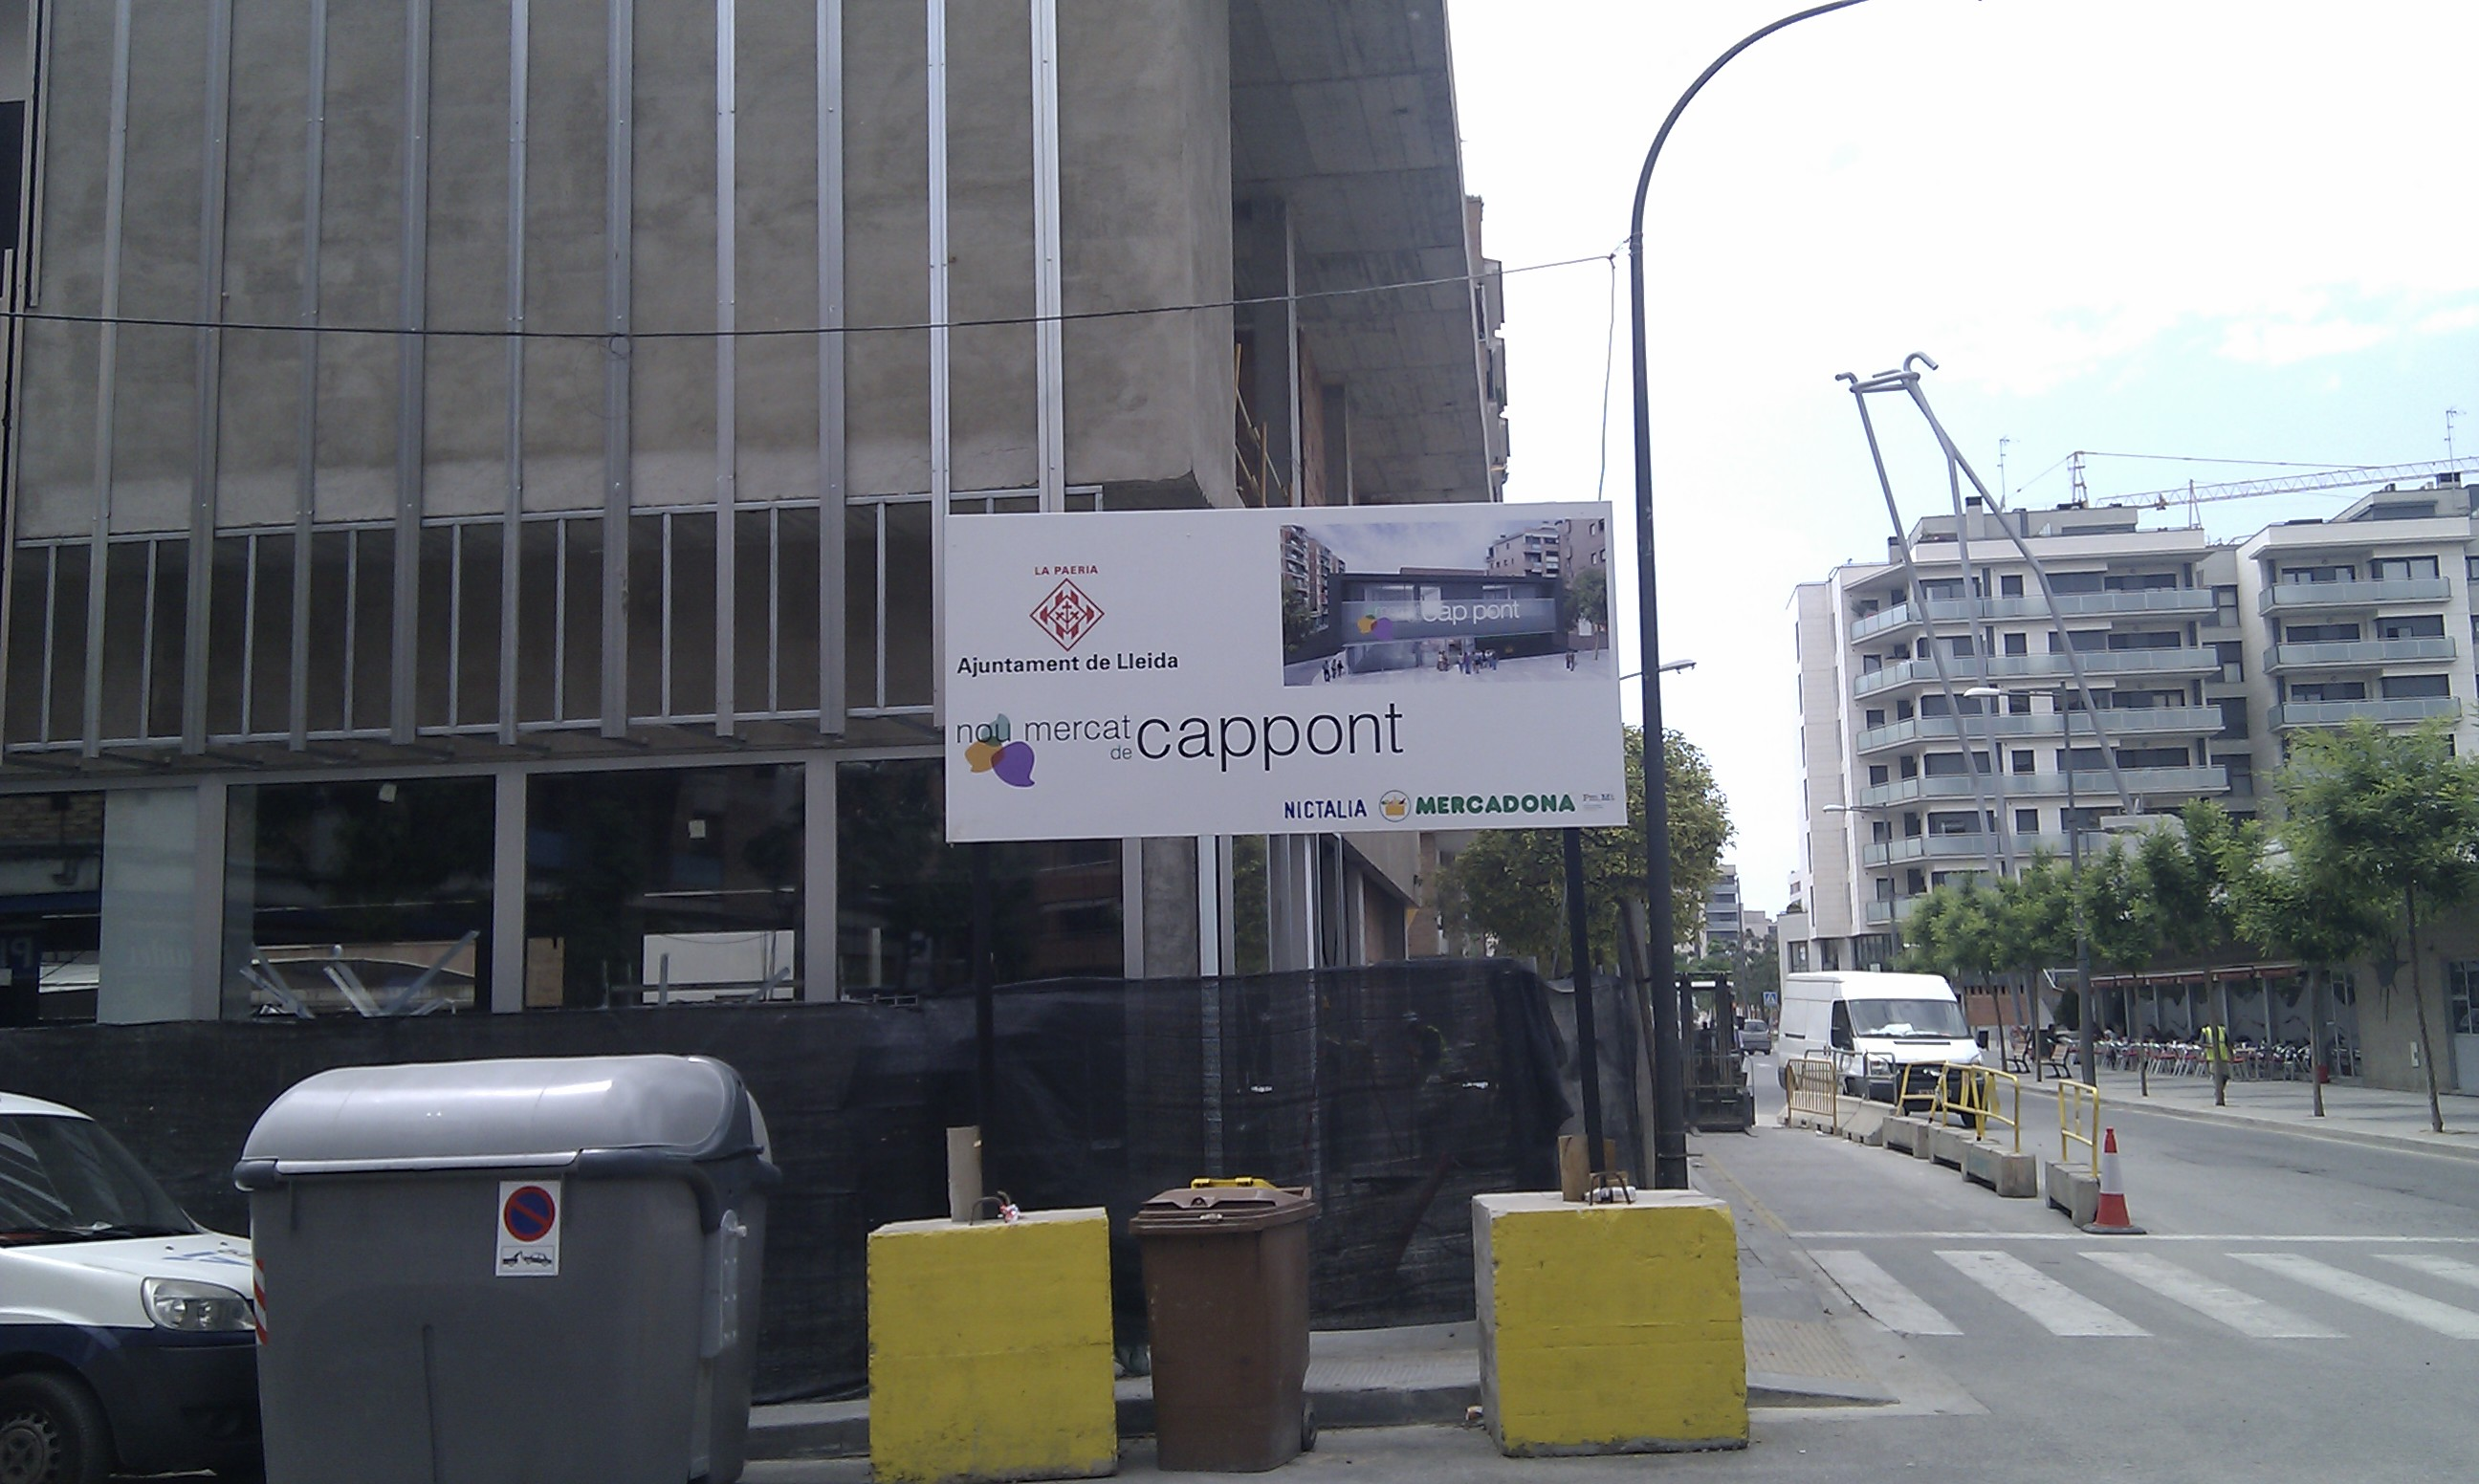 El Mercado Municipal de Cappont, un ejemplo seguir